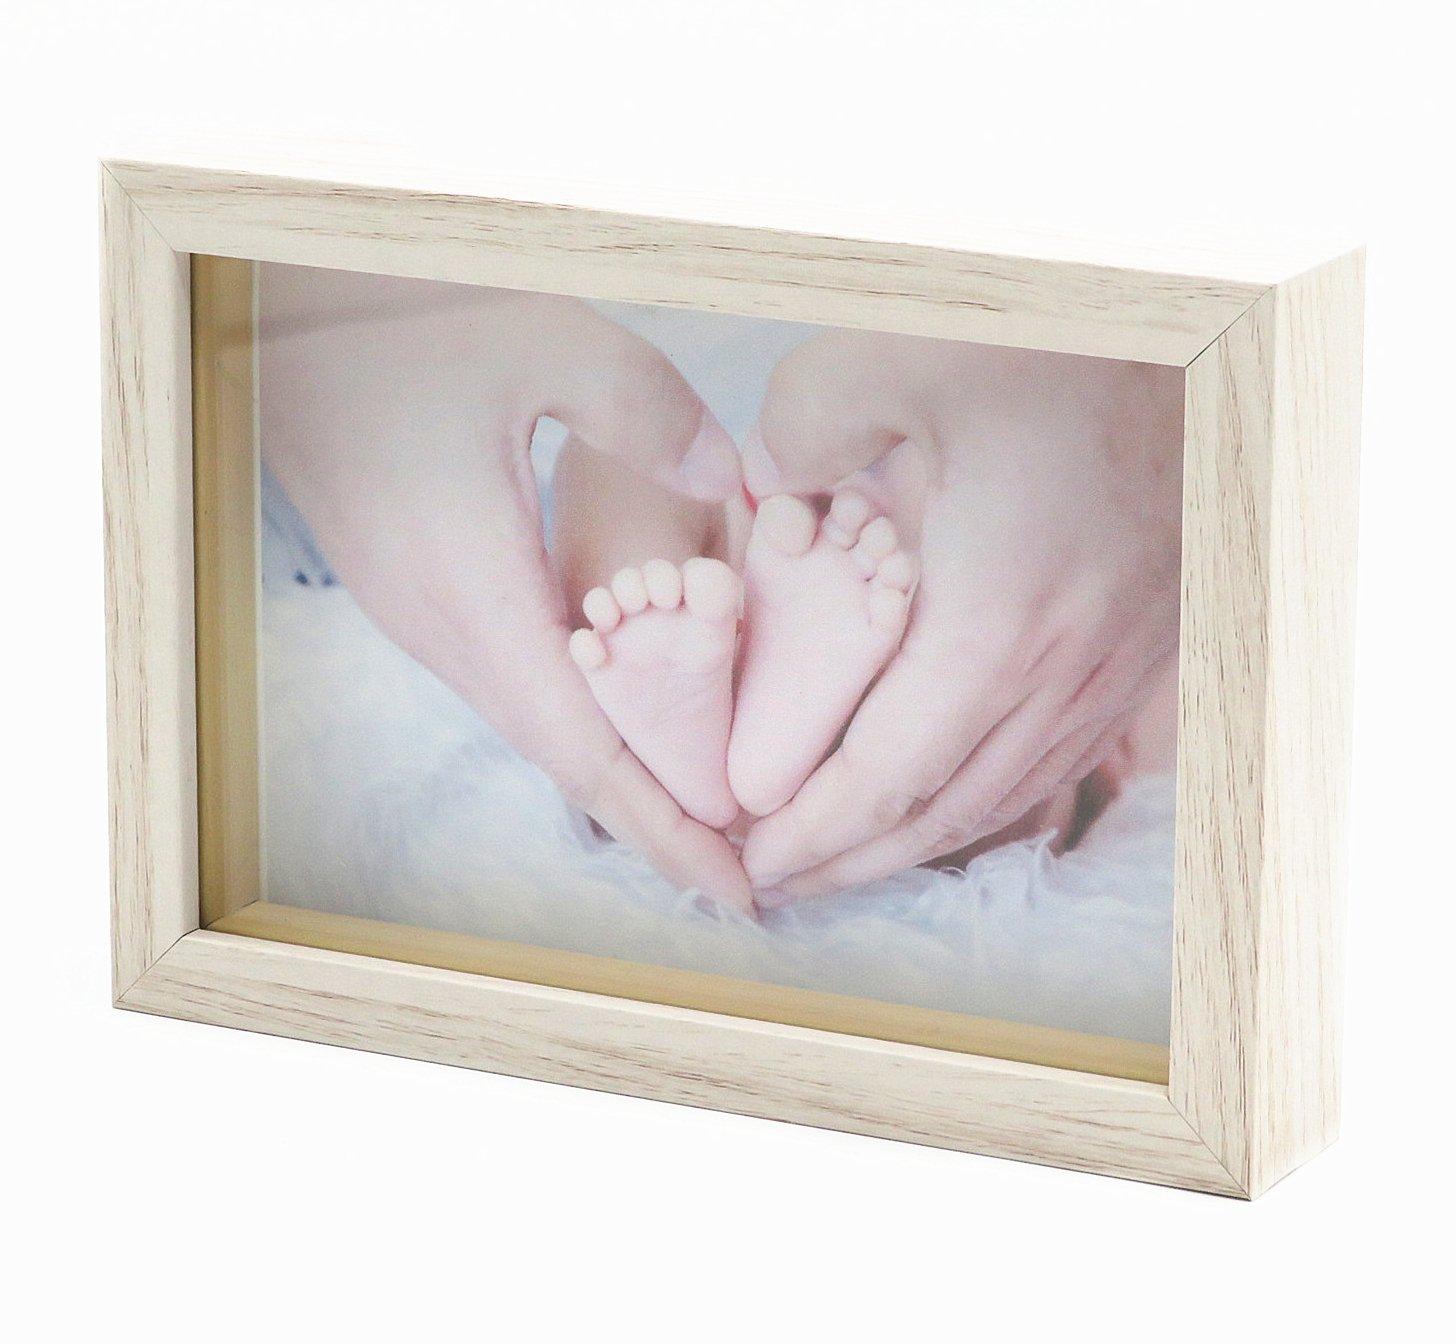 Smiling Art Bilderrahmen aus Holz für 1 Foto, 3D Bilderrahmen Tief ...